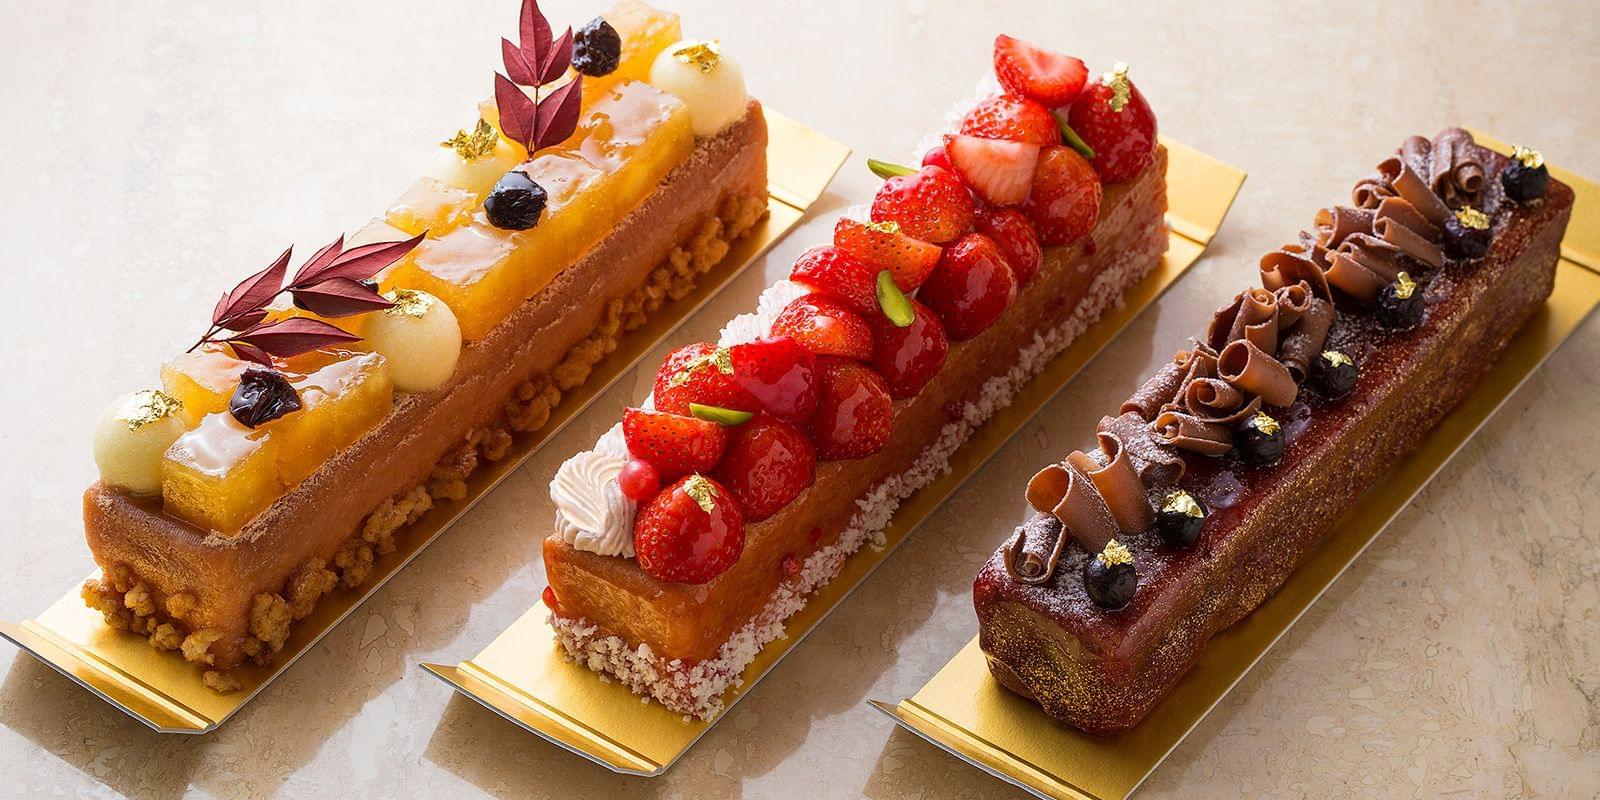 横浜元町のおしゃれでおいしいケーキ店厳選5選!